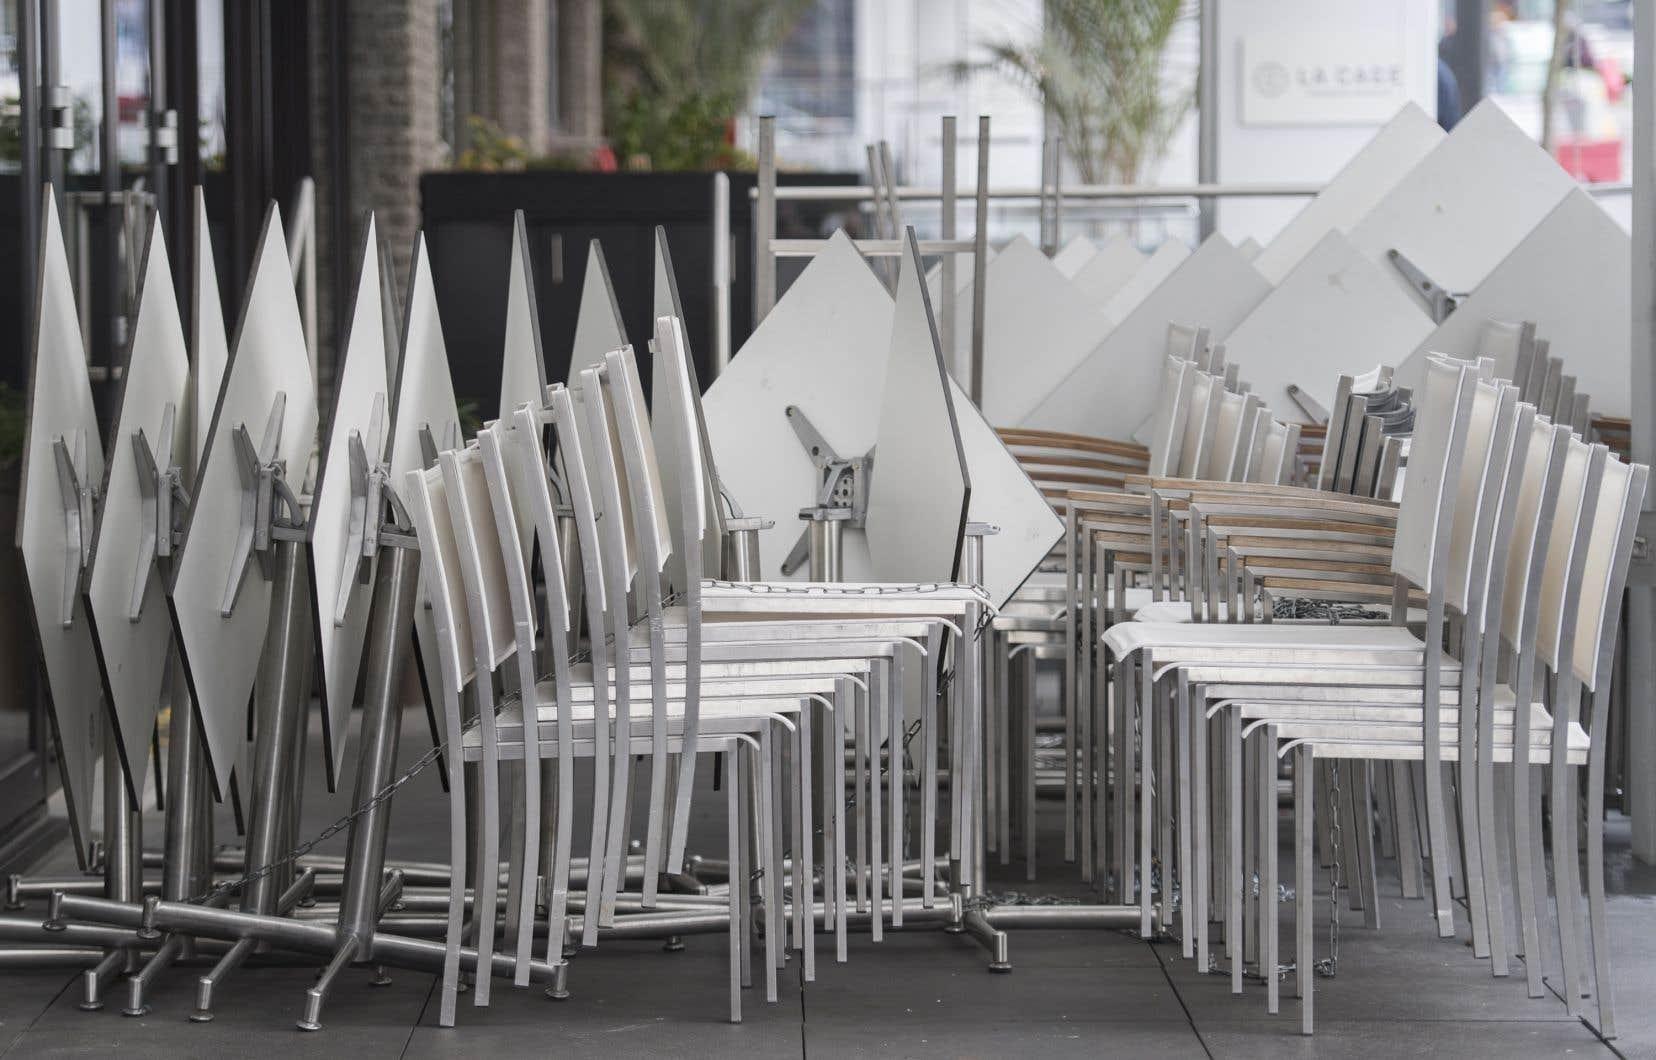 Selon le directeur général du Montréal centre-ville, Glenn Castanheira, les terrasses seront essentielles pour générer de l'achalandage dans le centre-ville.